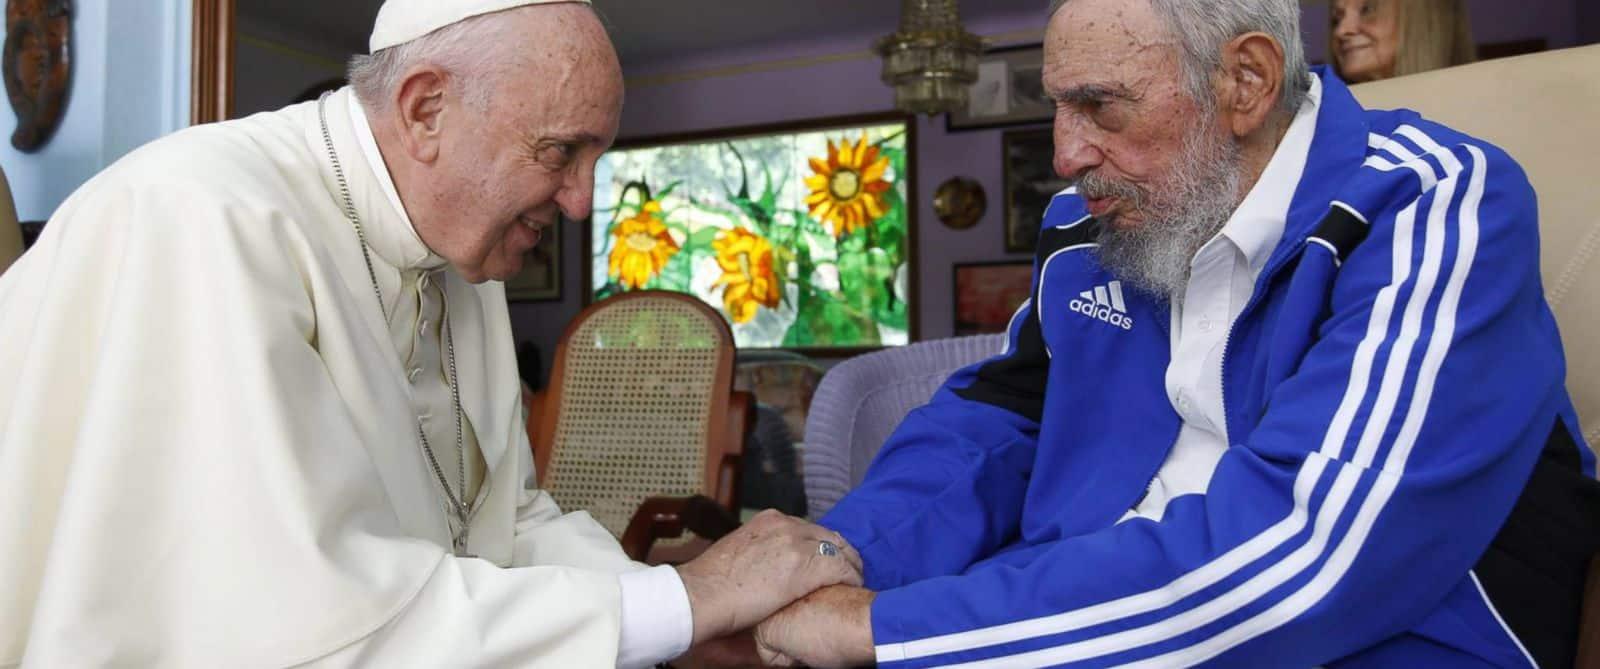 Fidel Castro en survêtement Adiads lors de sa rencontre avec le Pape en septembre 2015